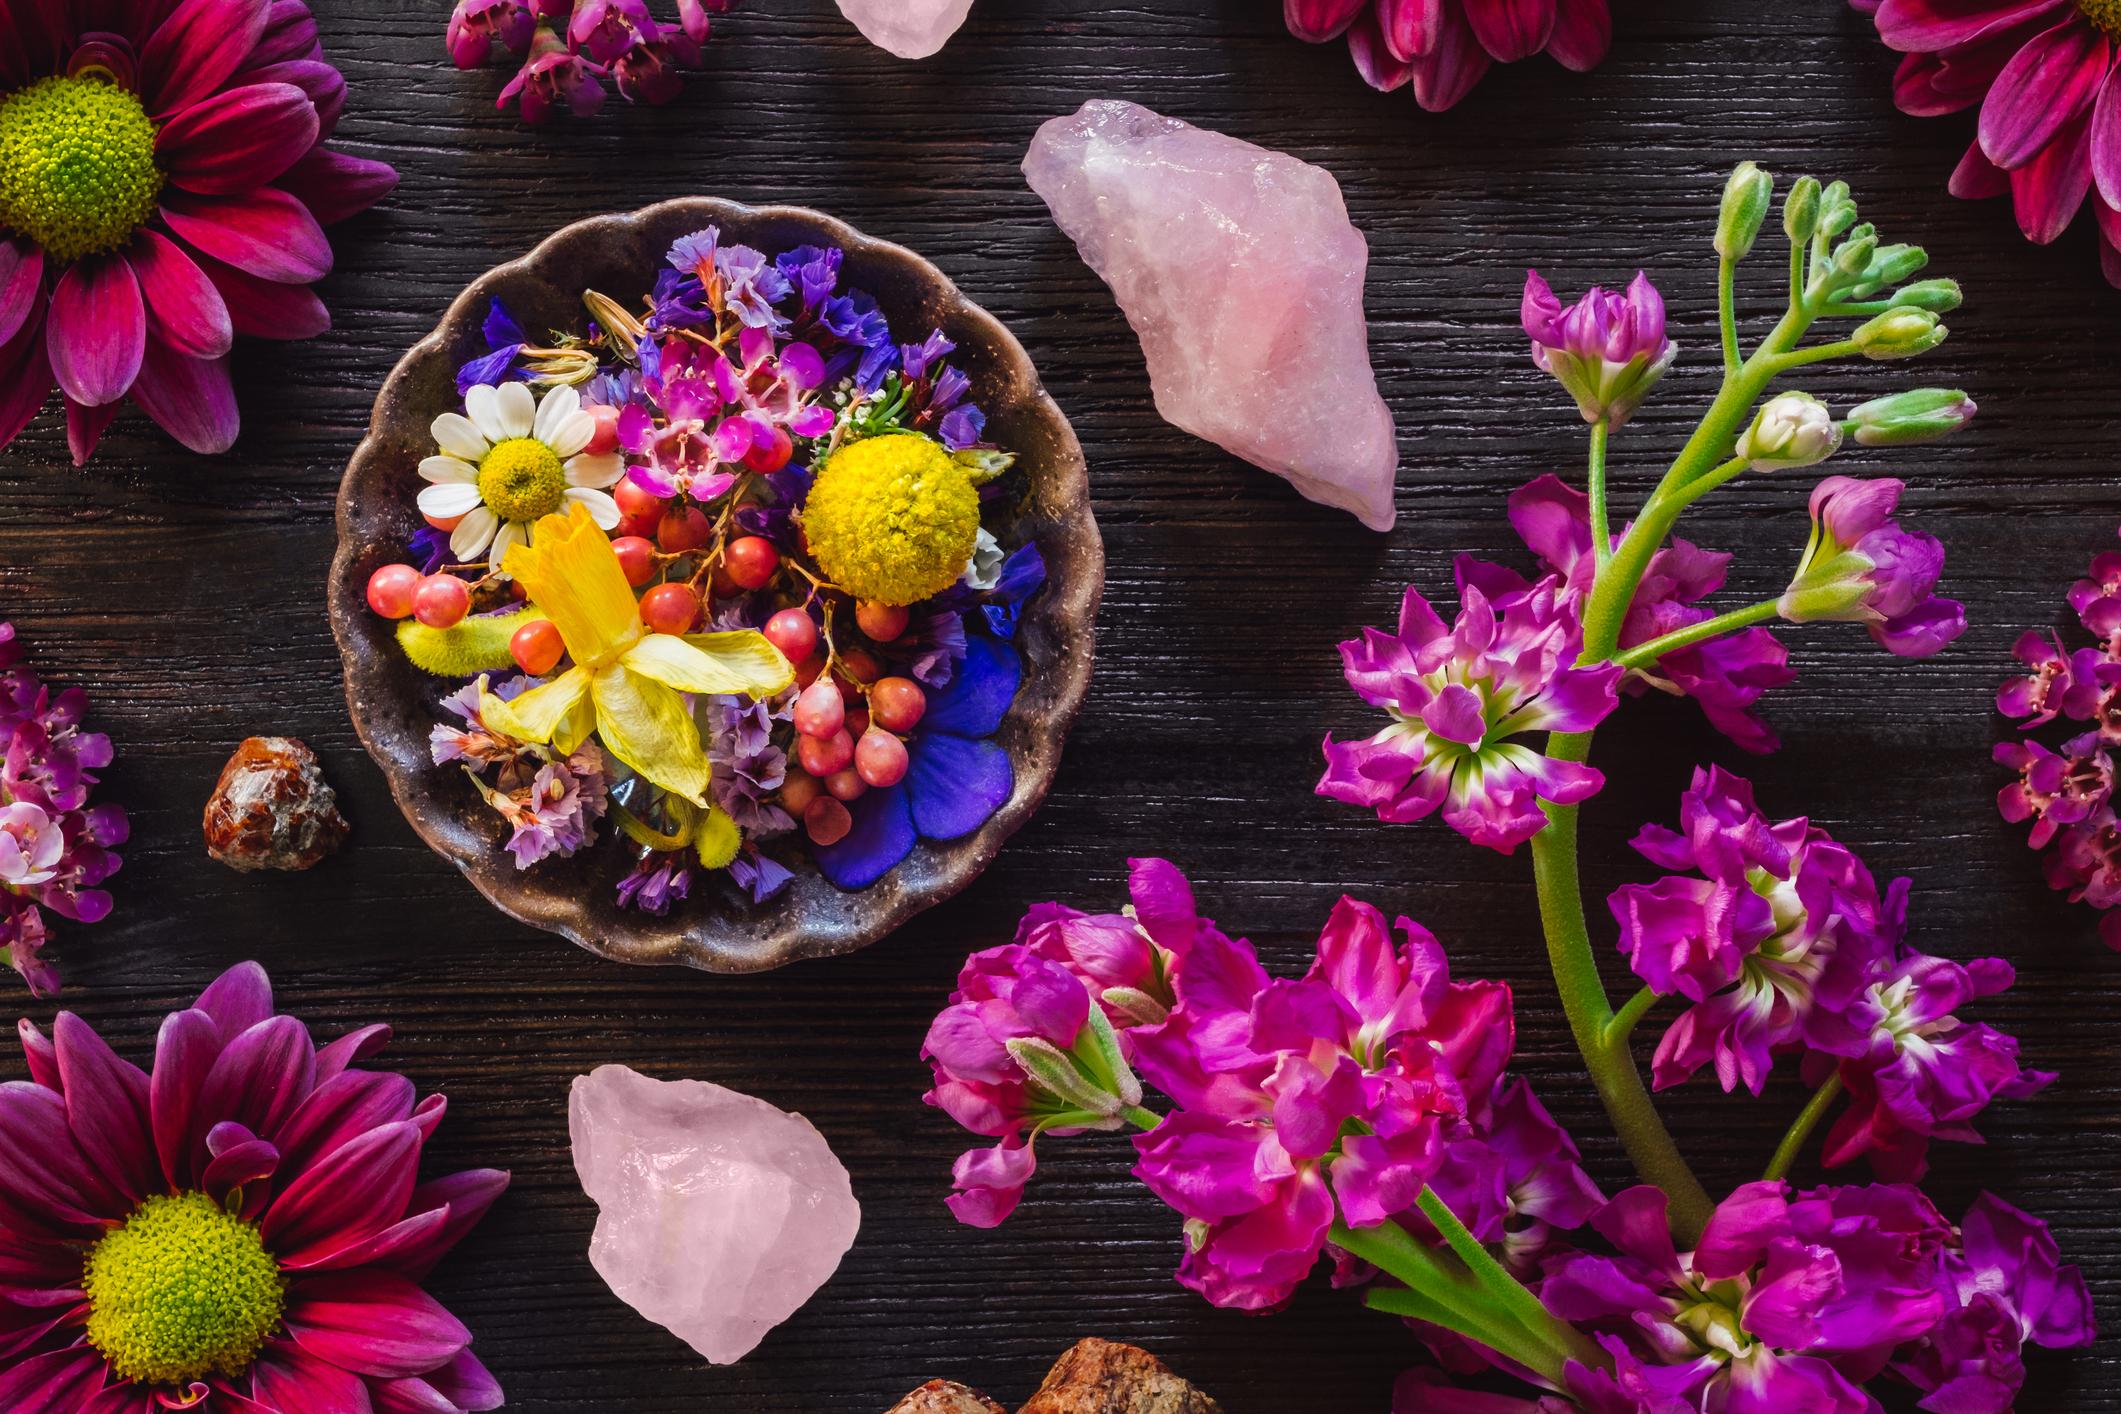 Розов кварц -притежава стъклен блясък. Своята красива окраска дължи на примесите отманганв кристалната структура.Предполага се че в древността розовият кварц е добиван вИндияиРимза изработка на украшения, както и да се използва в медицината, поради вярването че притежава лечебни свойства.